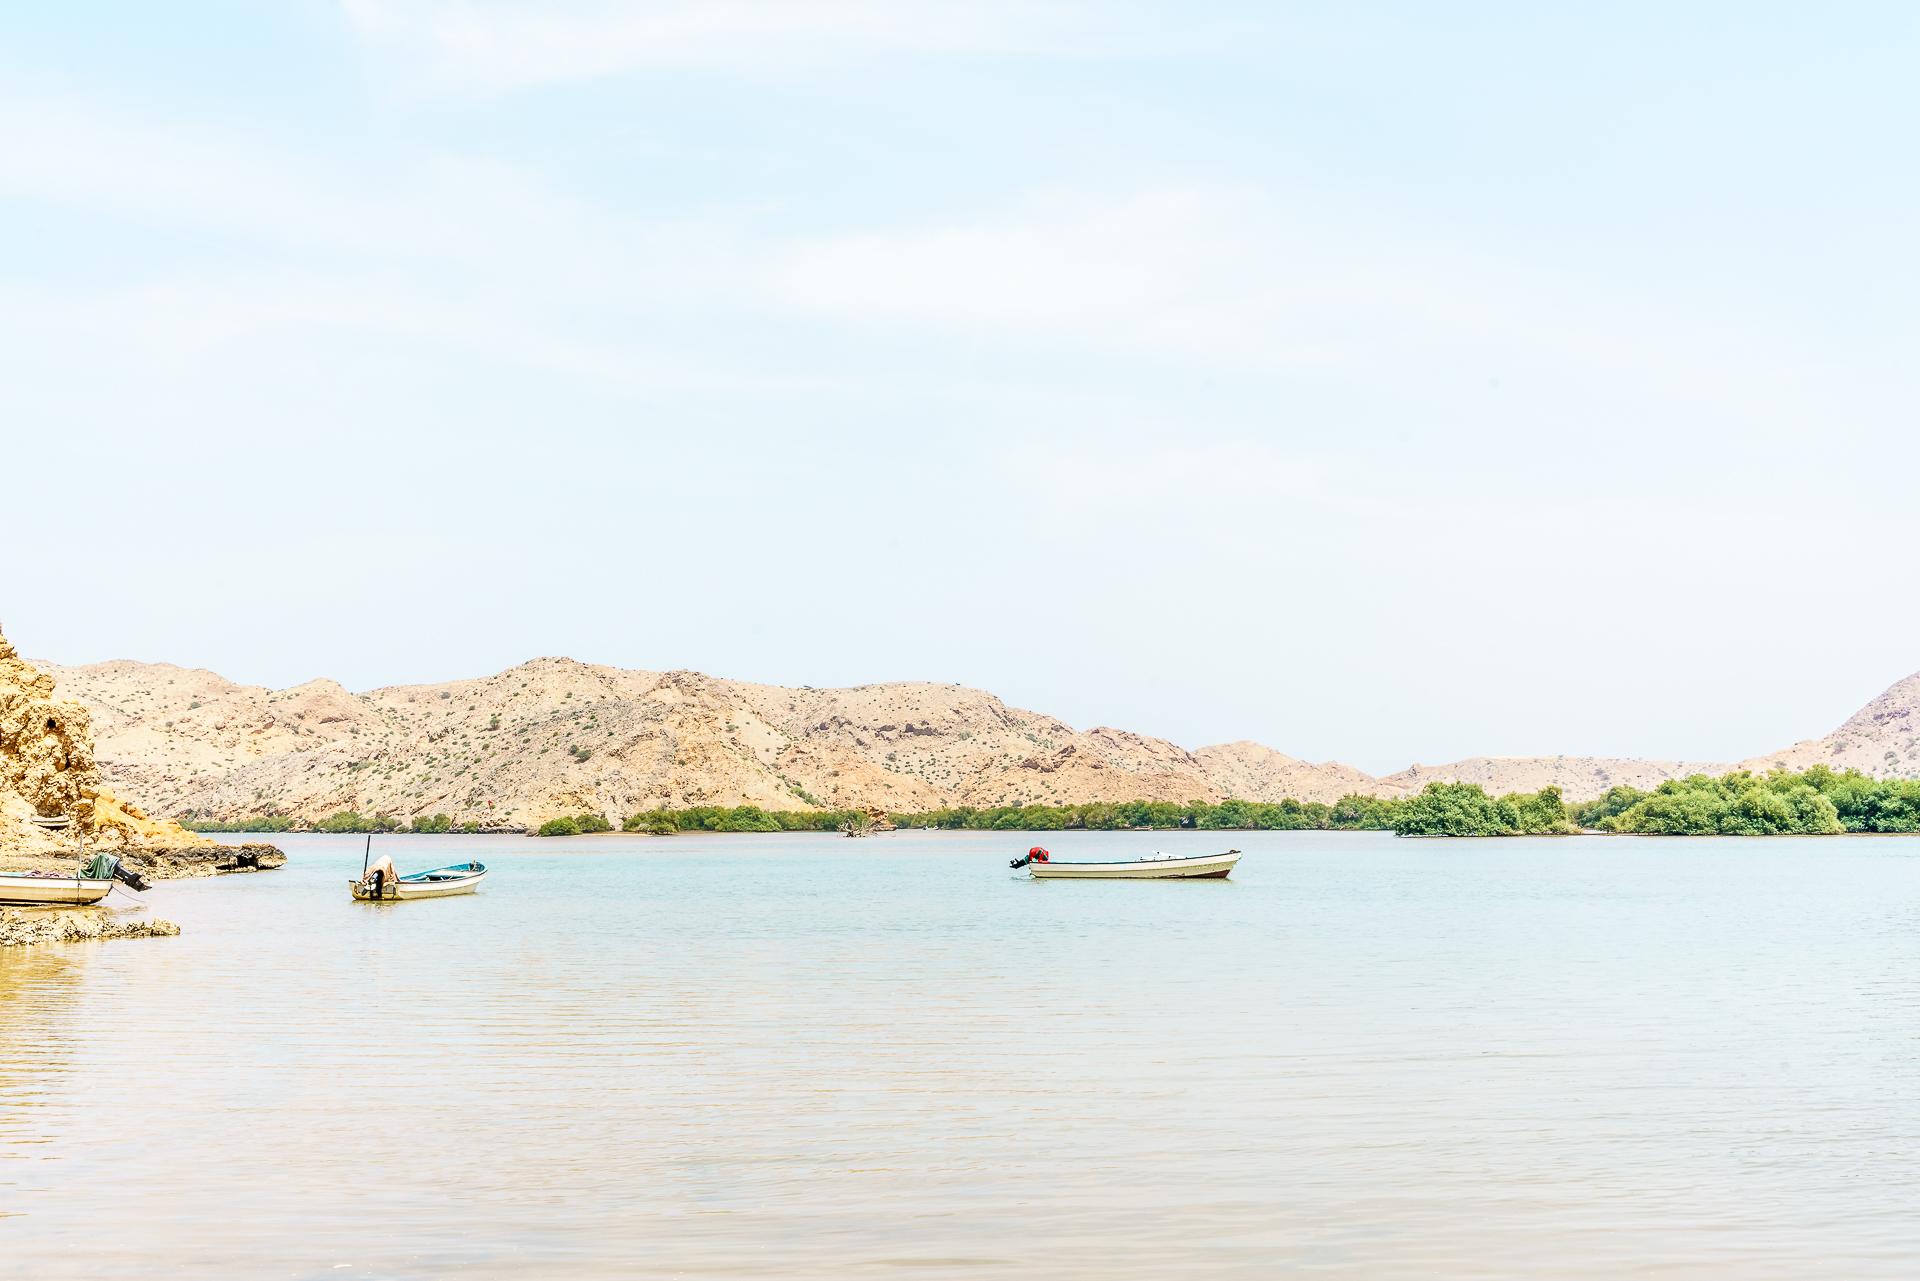 Al-Khiran-mangroven